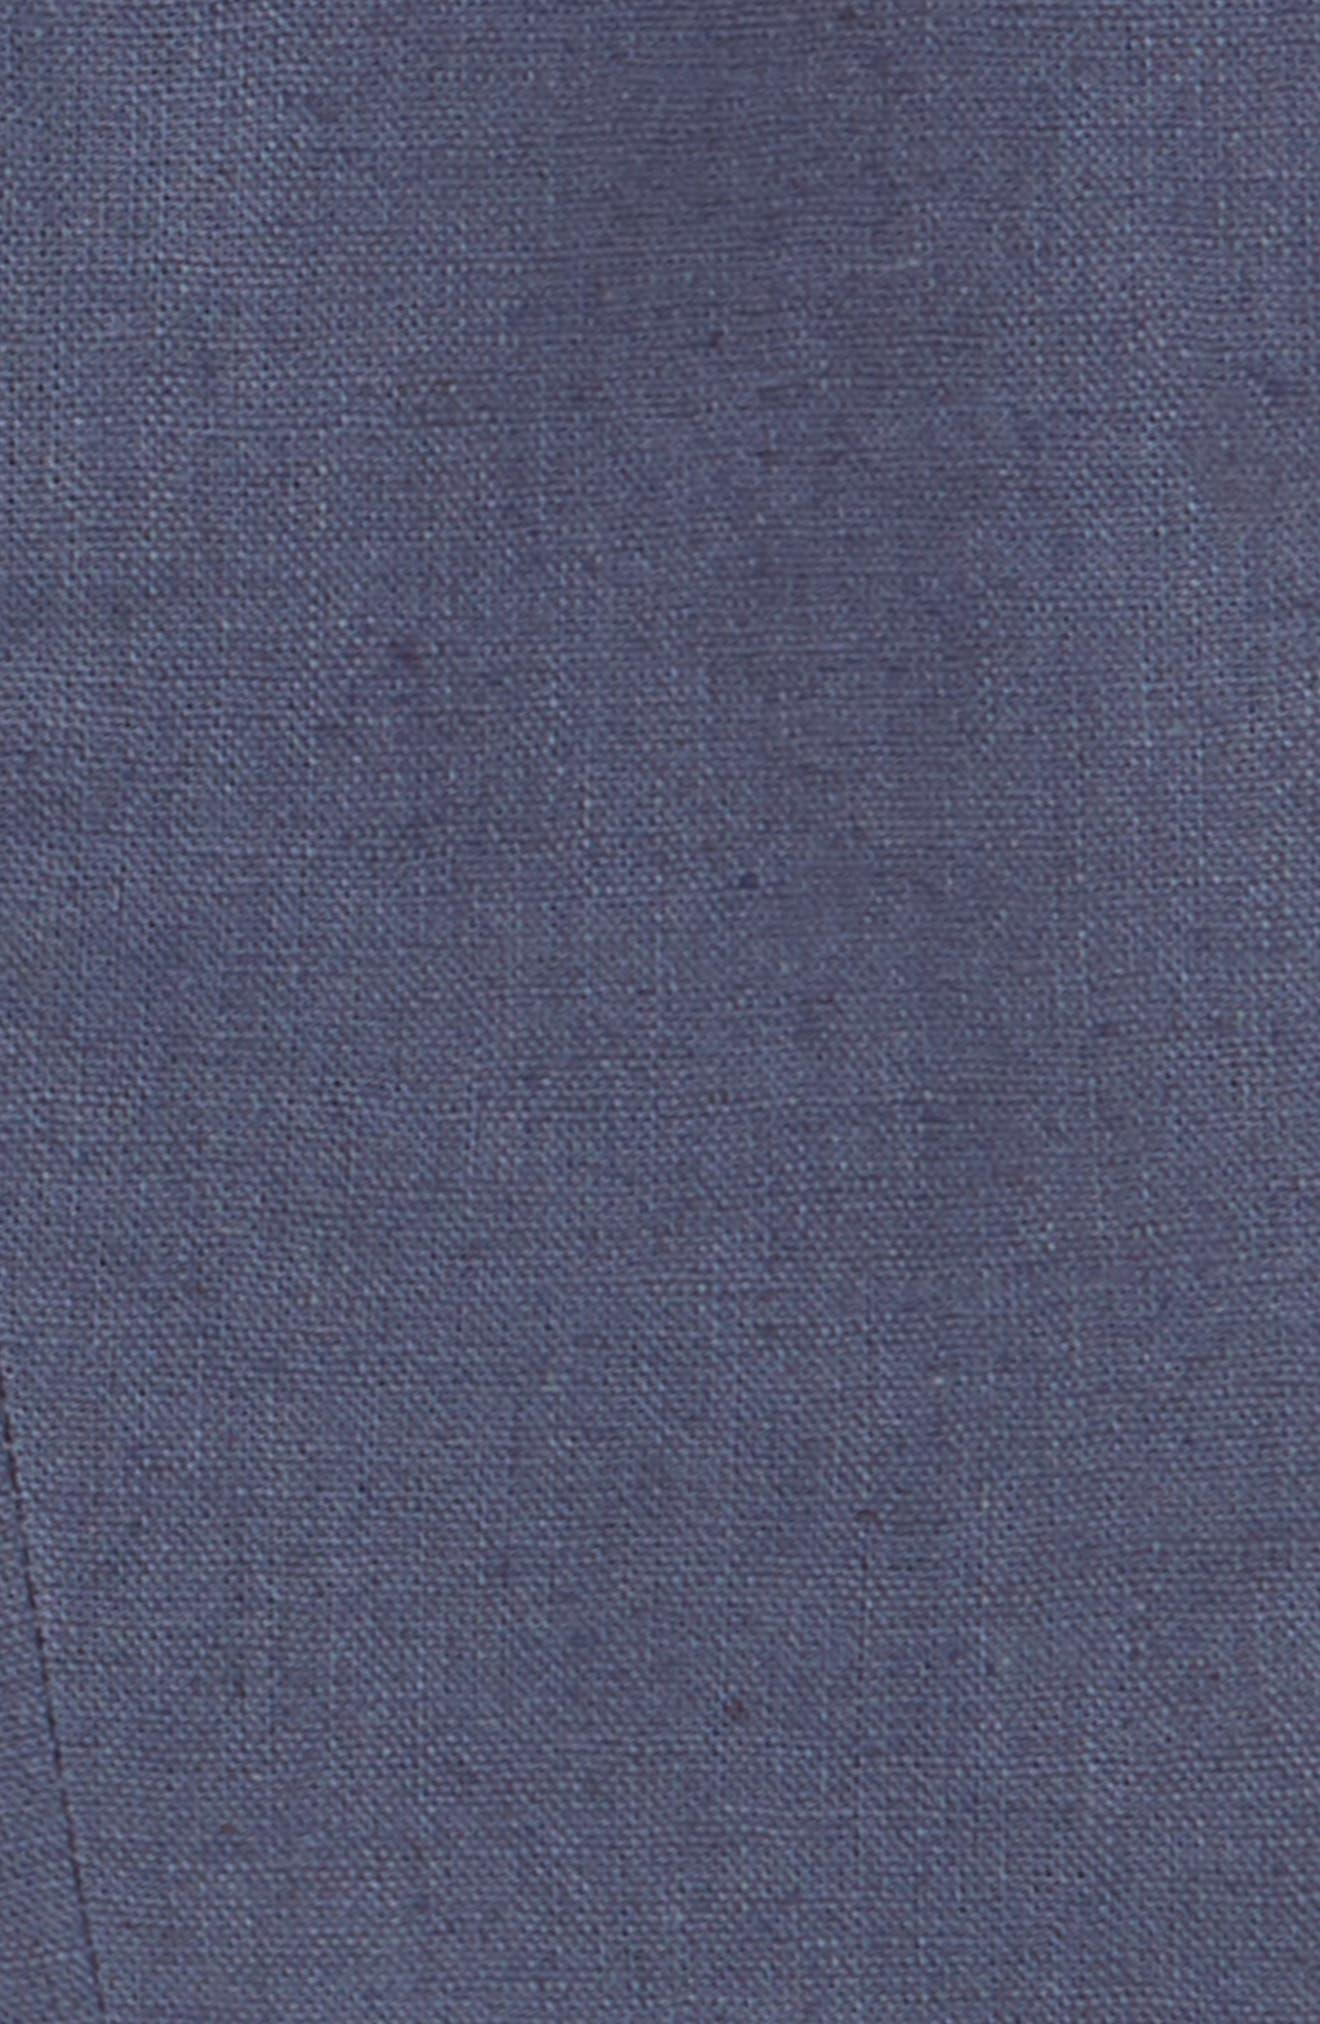 Two-Piece Fashion Linen Suit,                             Alternate thumbnail 2, color,                             Iron